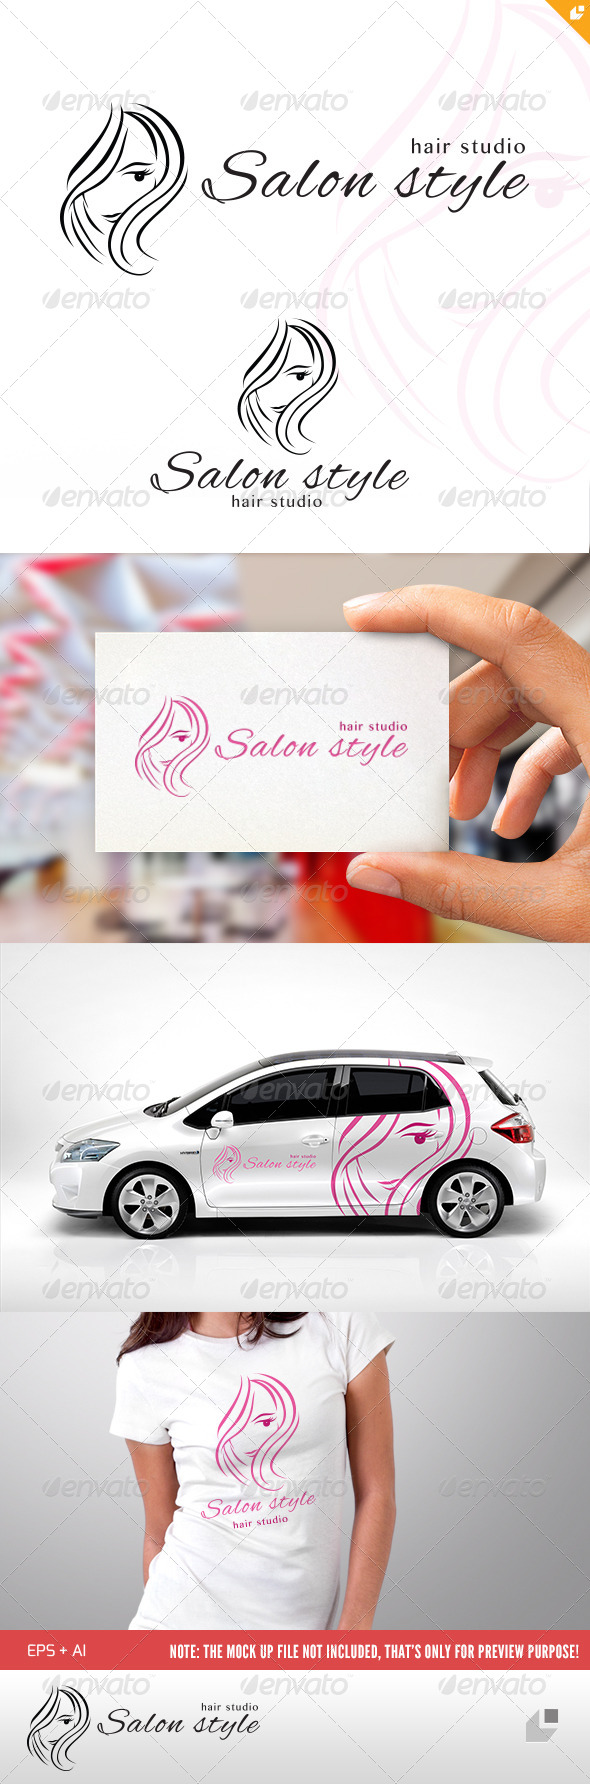 GraphicRiver Salon Style Logo 4703065